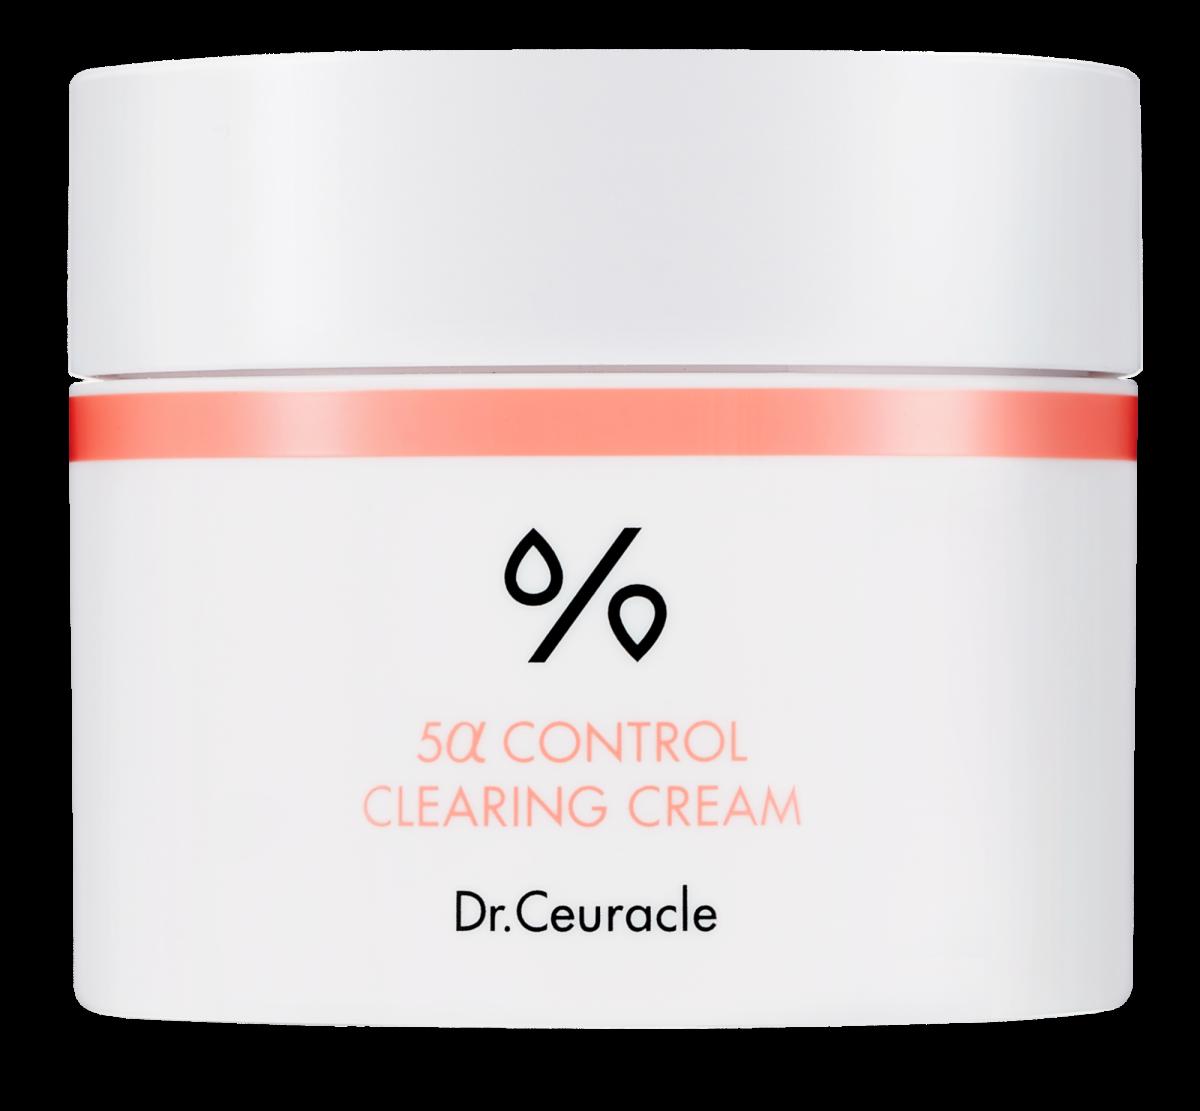 Гель-крем для проблемной кожи DR. CEURACLE 5α Control Clearing Cream